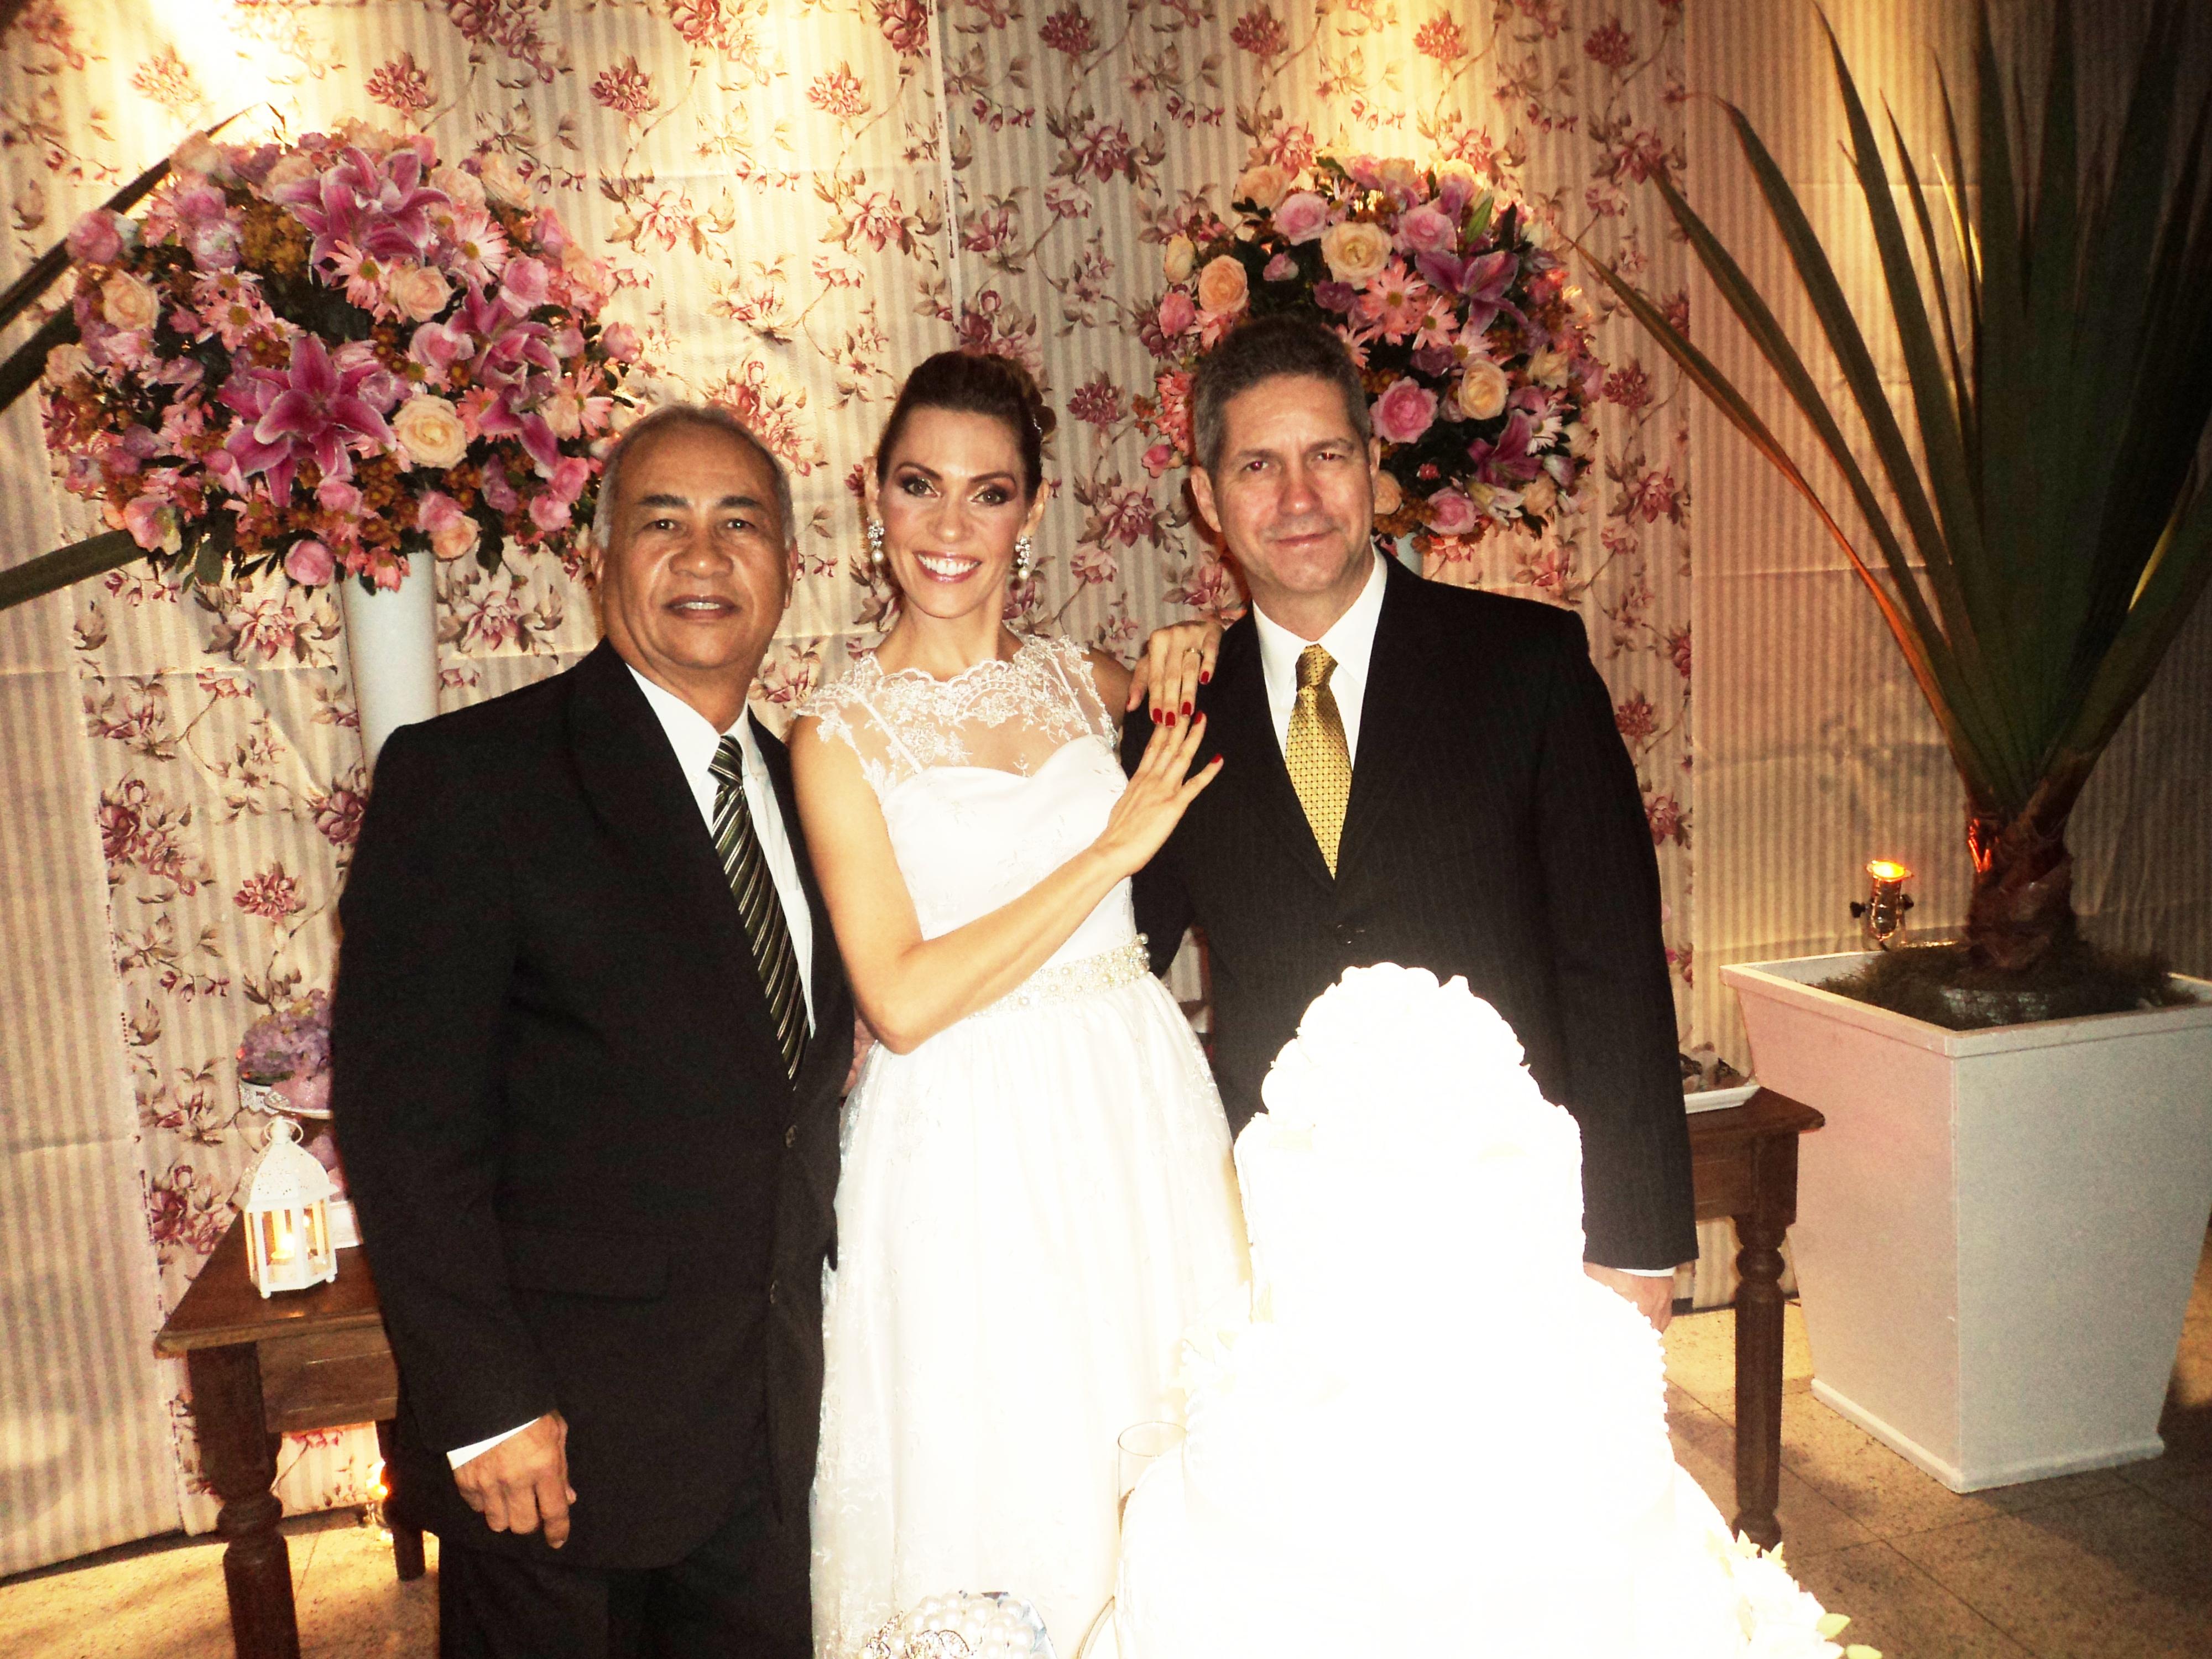 Na foto Túlio, à direita, com os noivos, logo após a cerimônia.